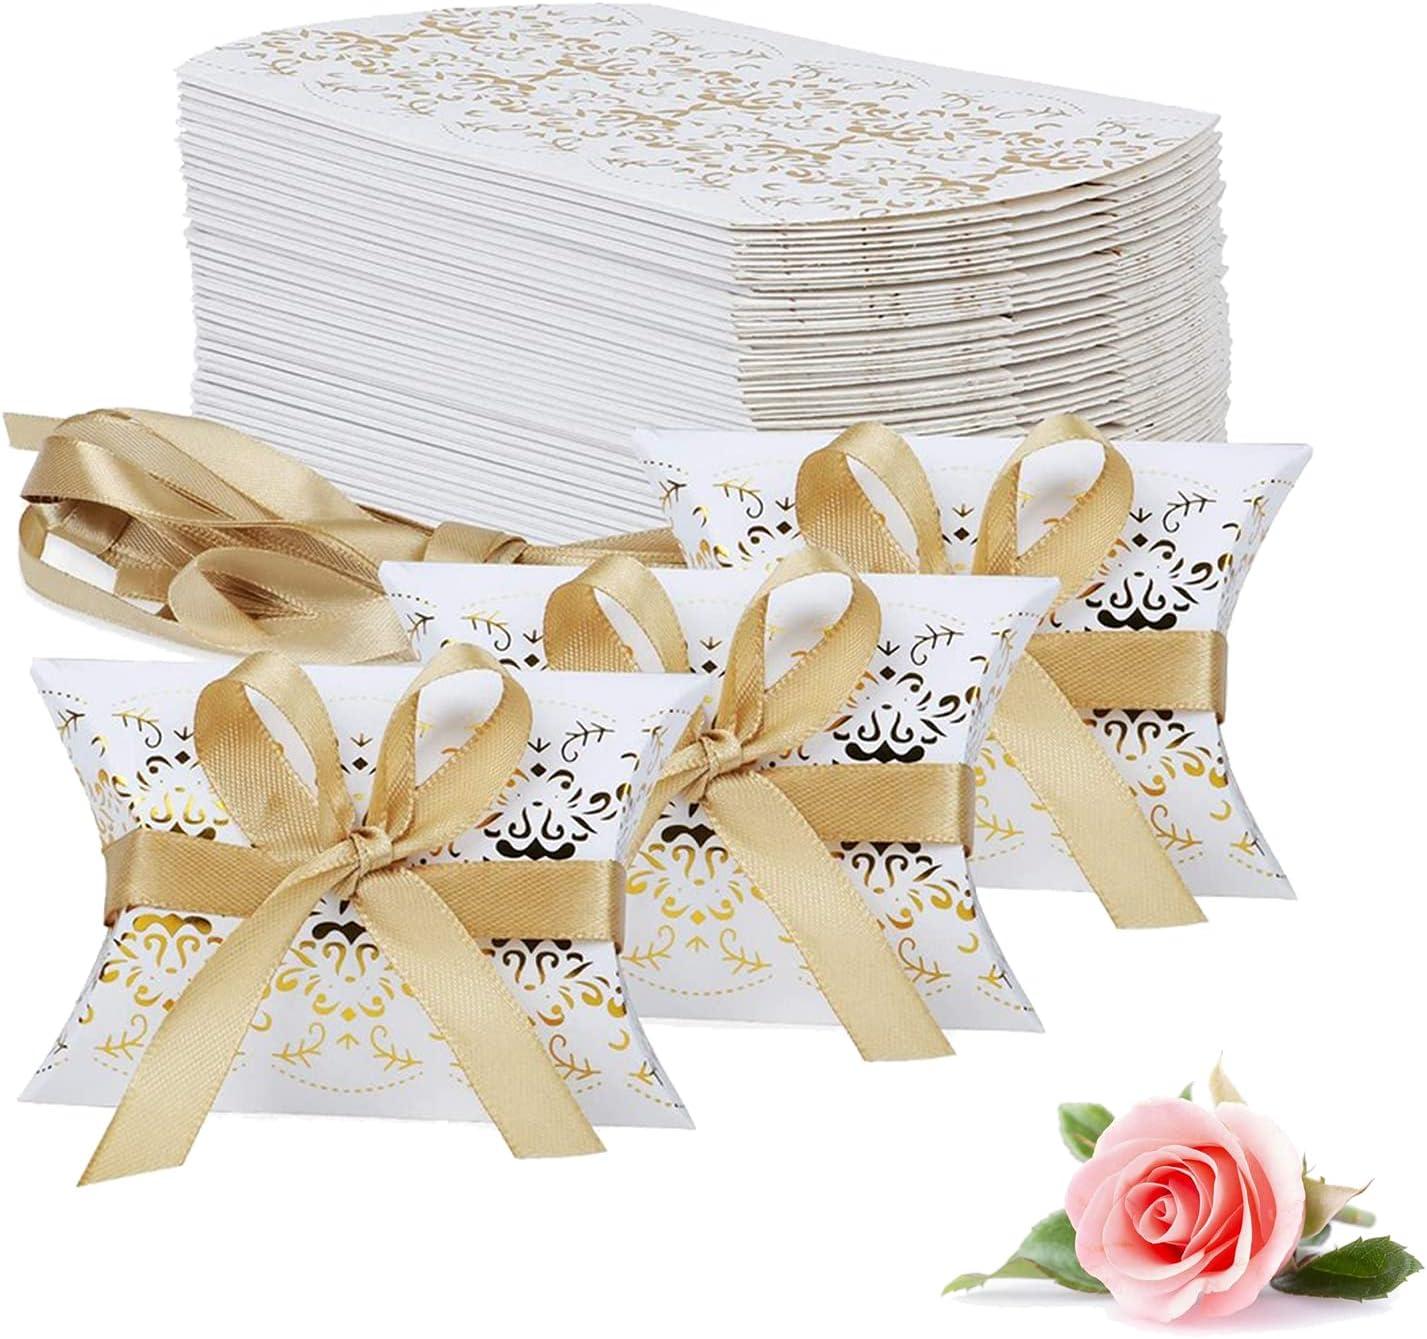 Caja De Papel Dorada Cajas De Papel Para Caramelos Caja De Papel De Chocolate Favores De La Boda De La Caja De Dulces Caja De Almohada Caja De Regalo Kit Con Cintas Doradas (50 Piezas)